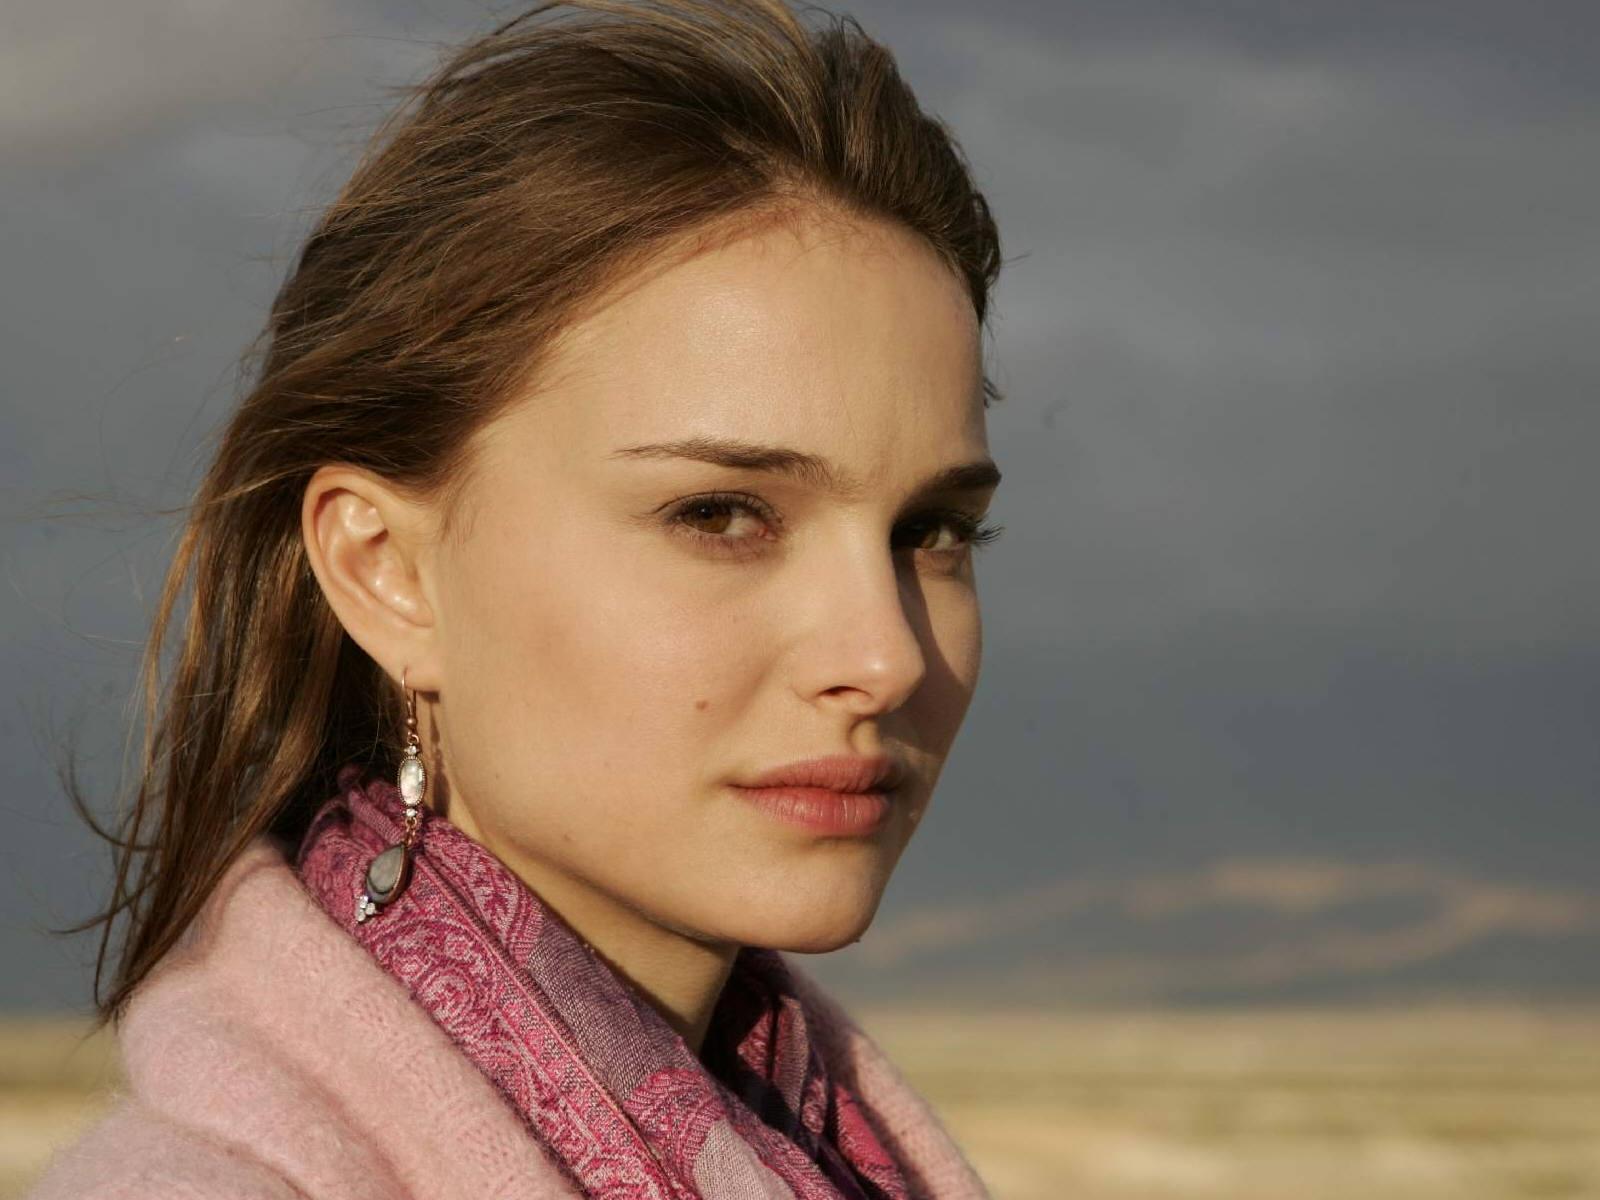 Wallpaper portait cheuveux au vent Natalie Portman